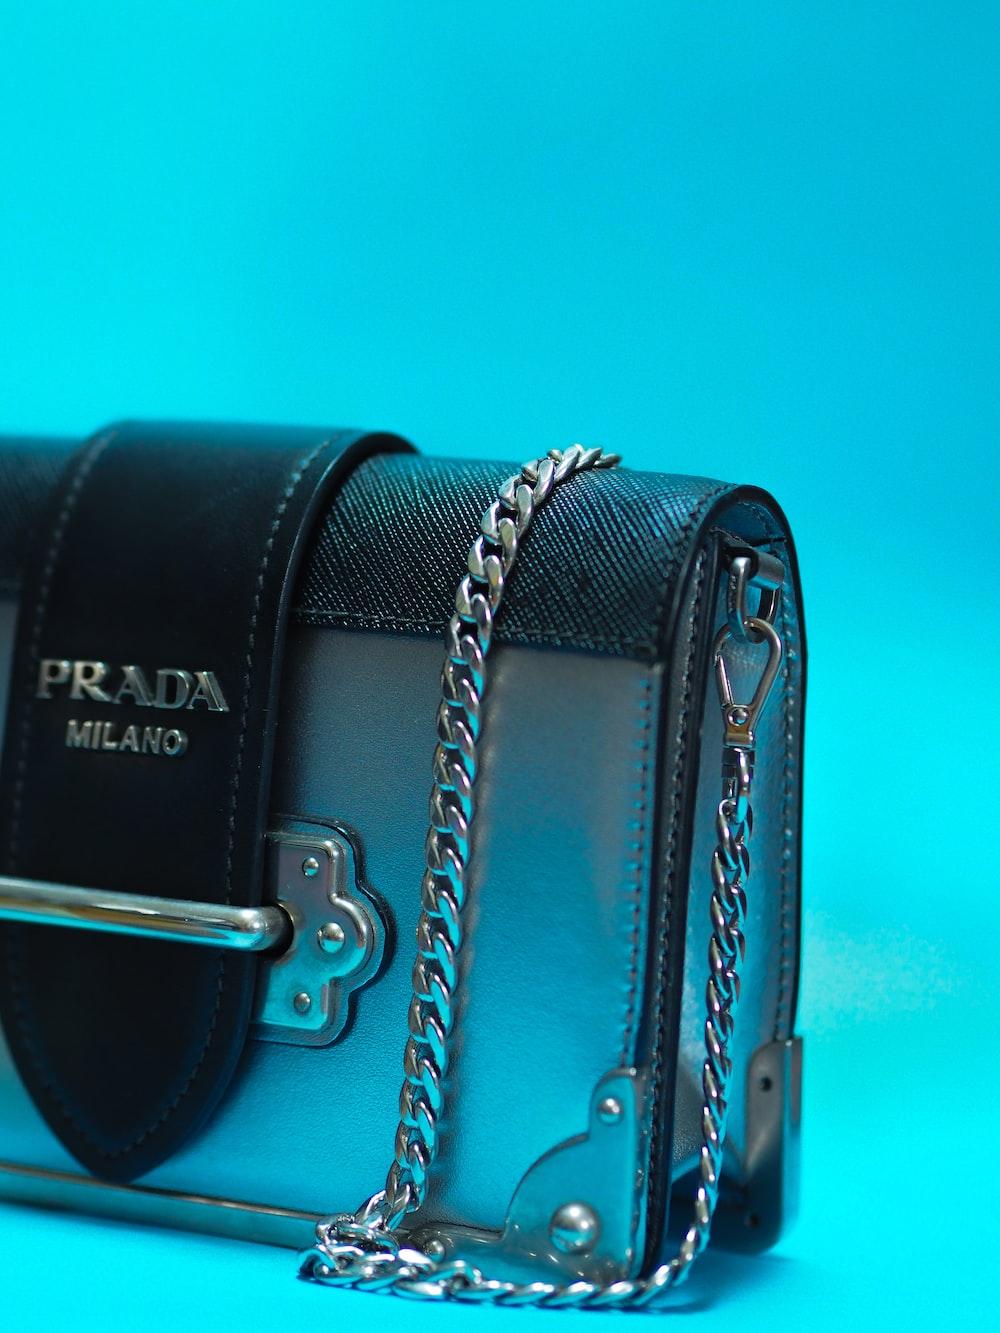 black leather handbag on teal surface